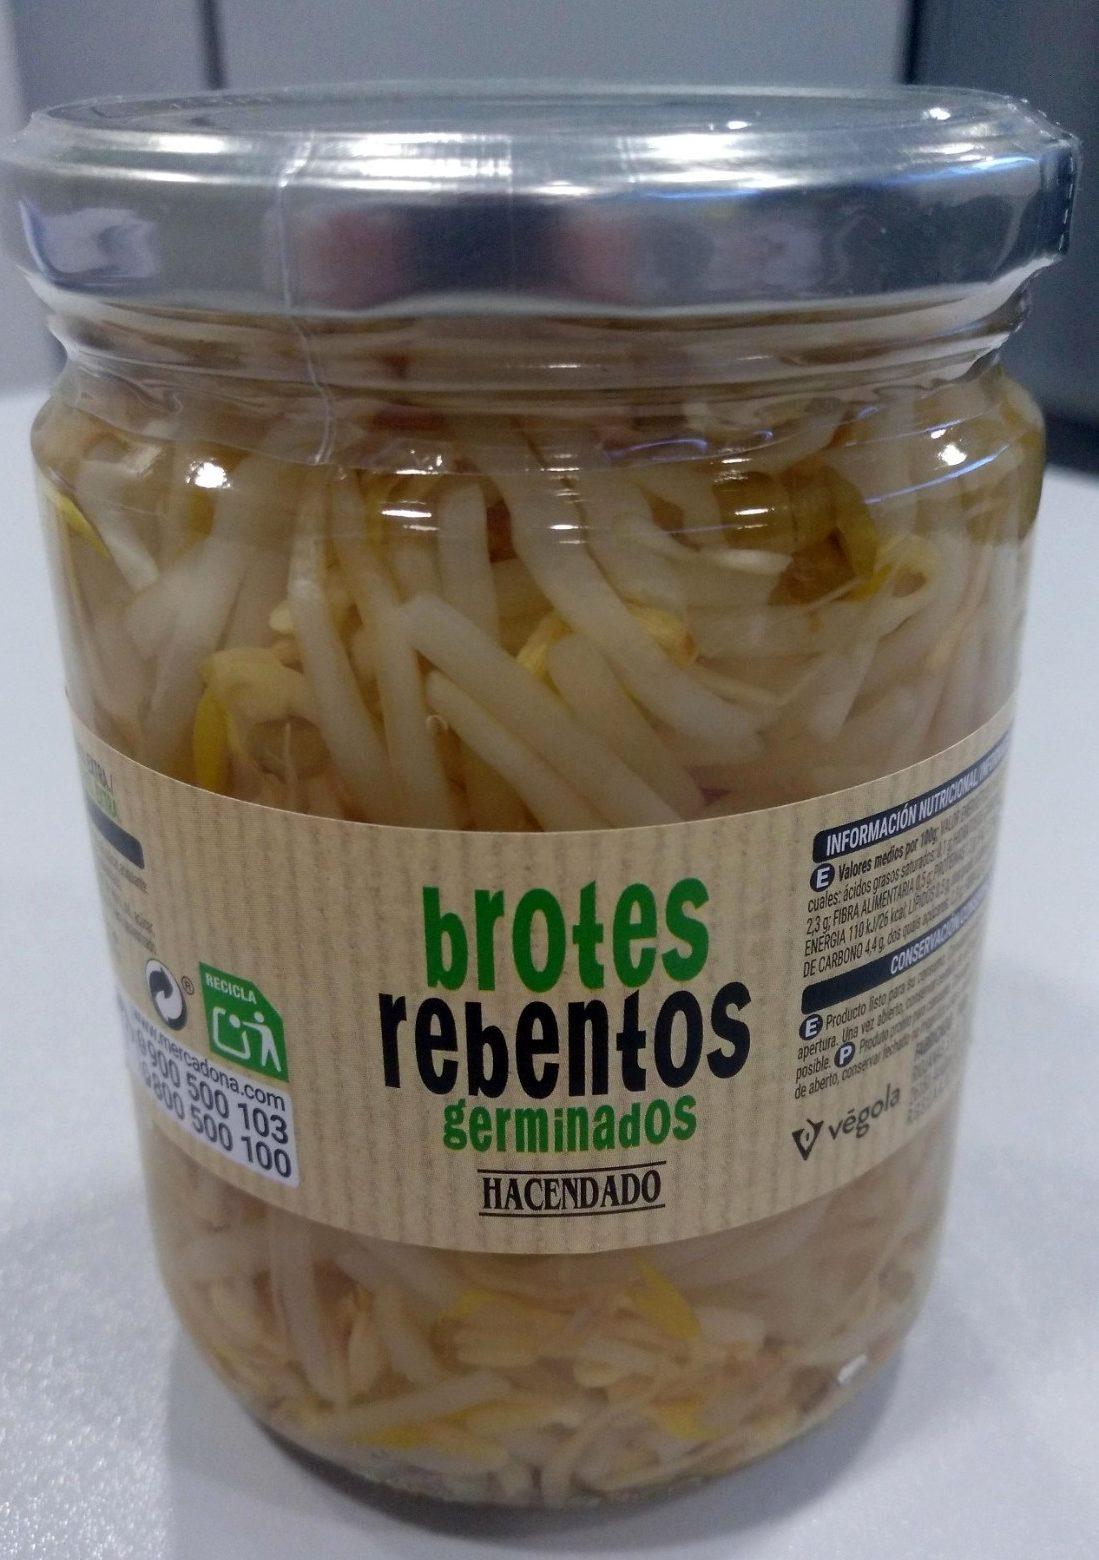 Brotes Germinados de soja - Producto - es